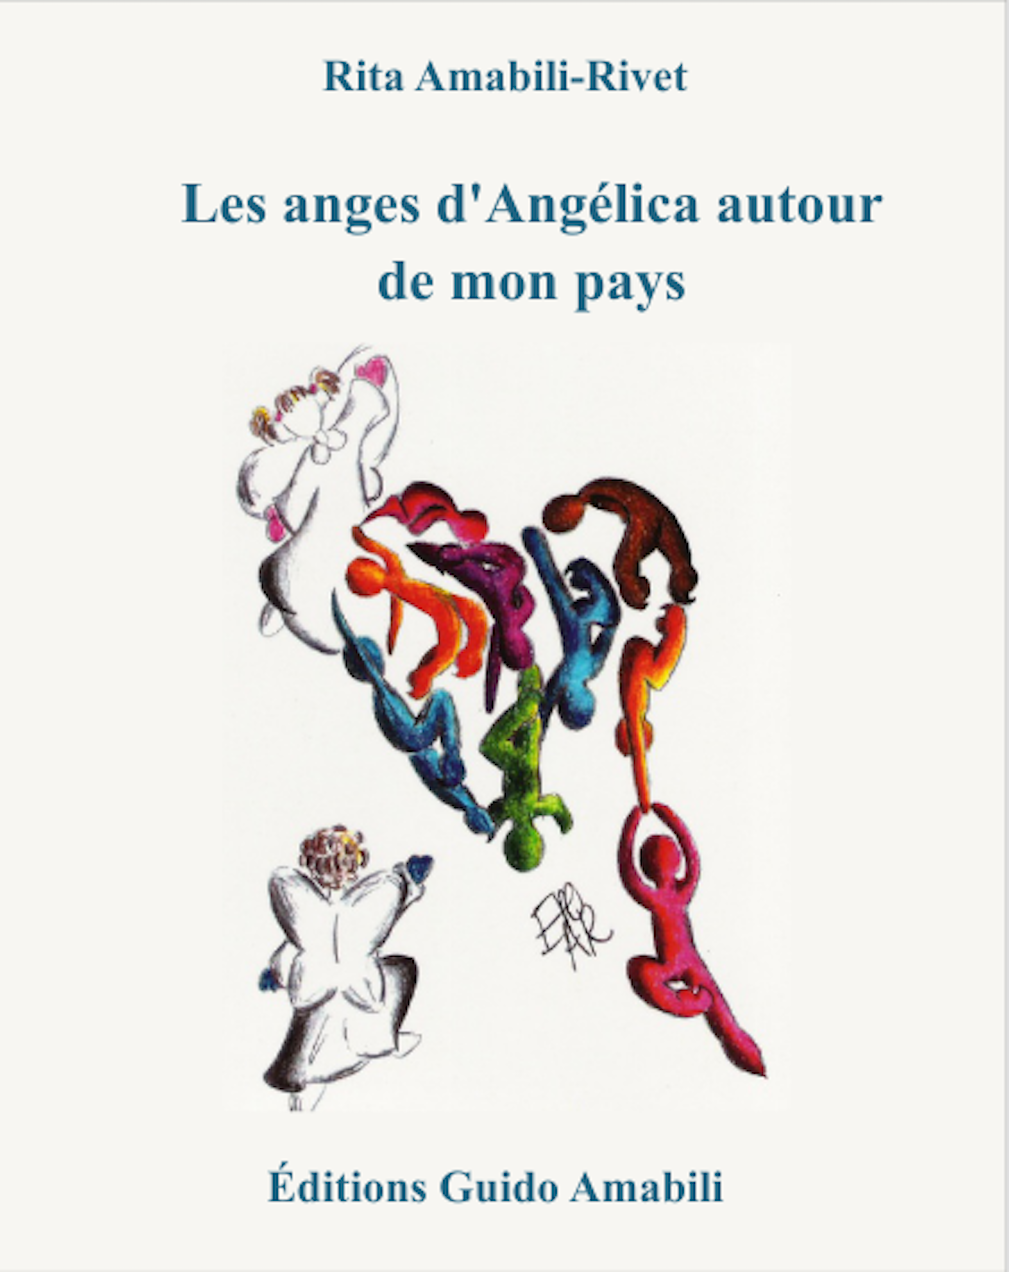 Les anges d'Angélica autour de mon pays : roman-jeunesse